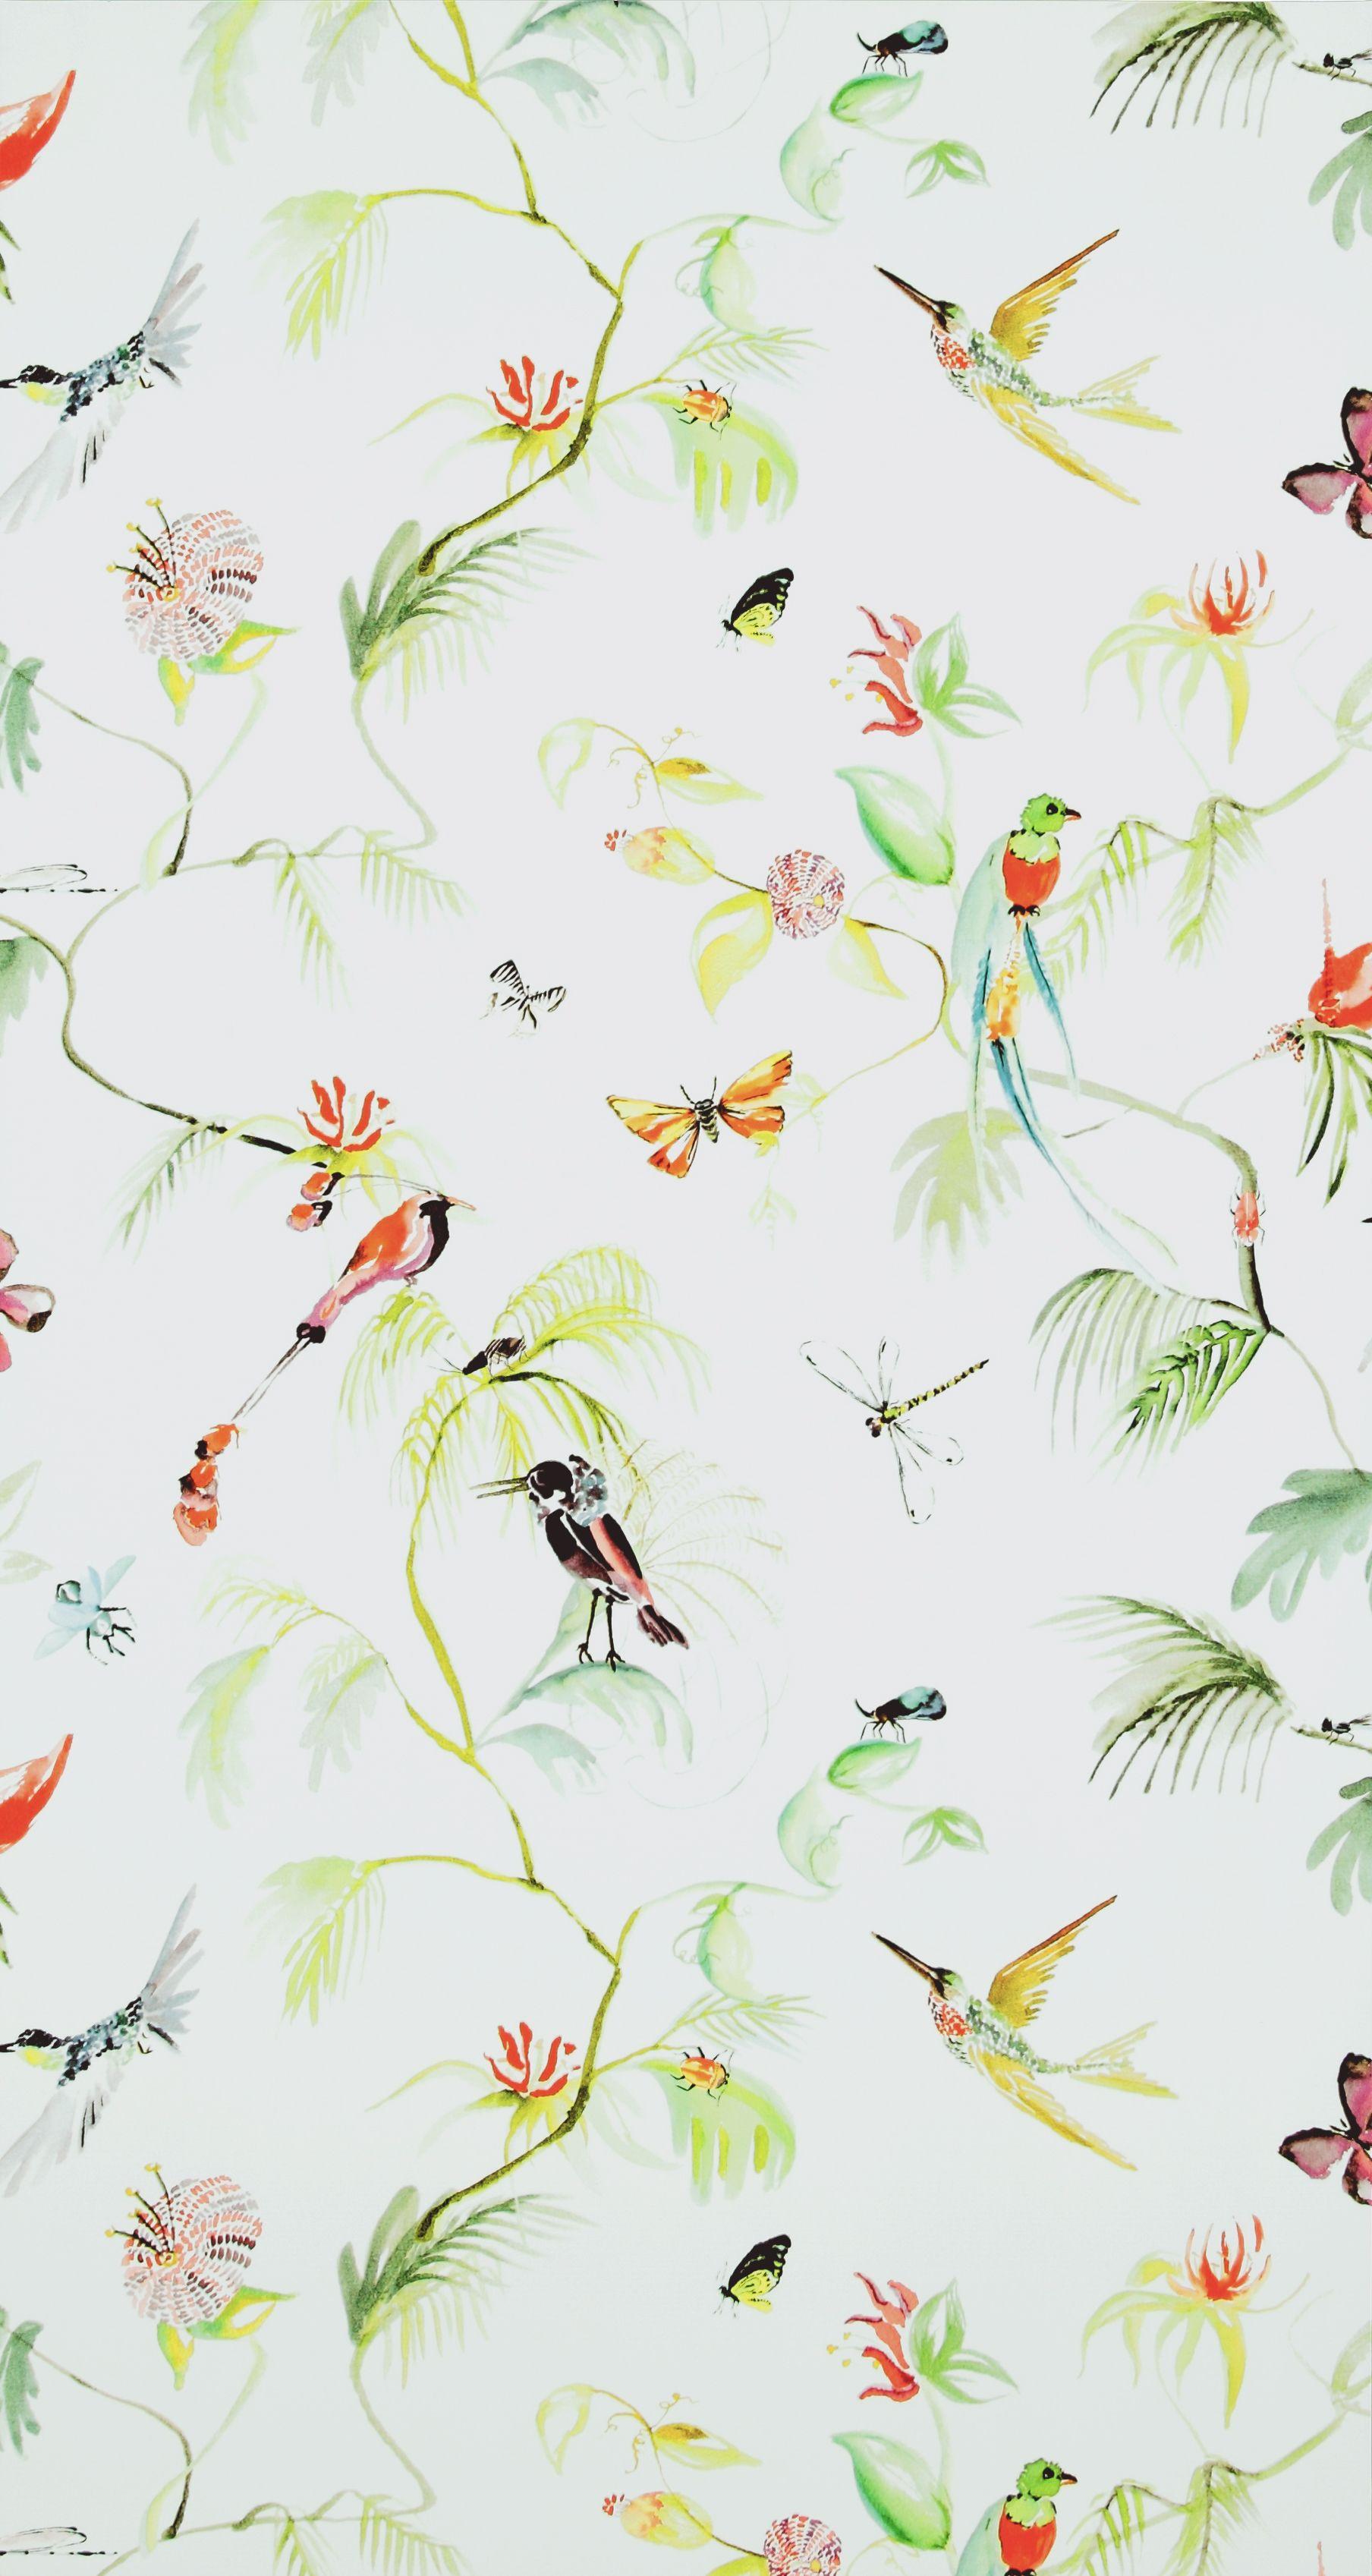 Pin Van Debby Menzo Op Slaapkamer Sharell Groen Behang Natuur Behang Behang